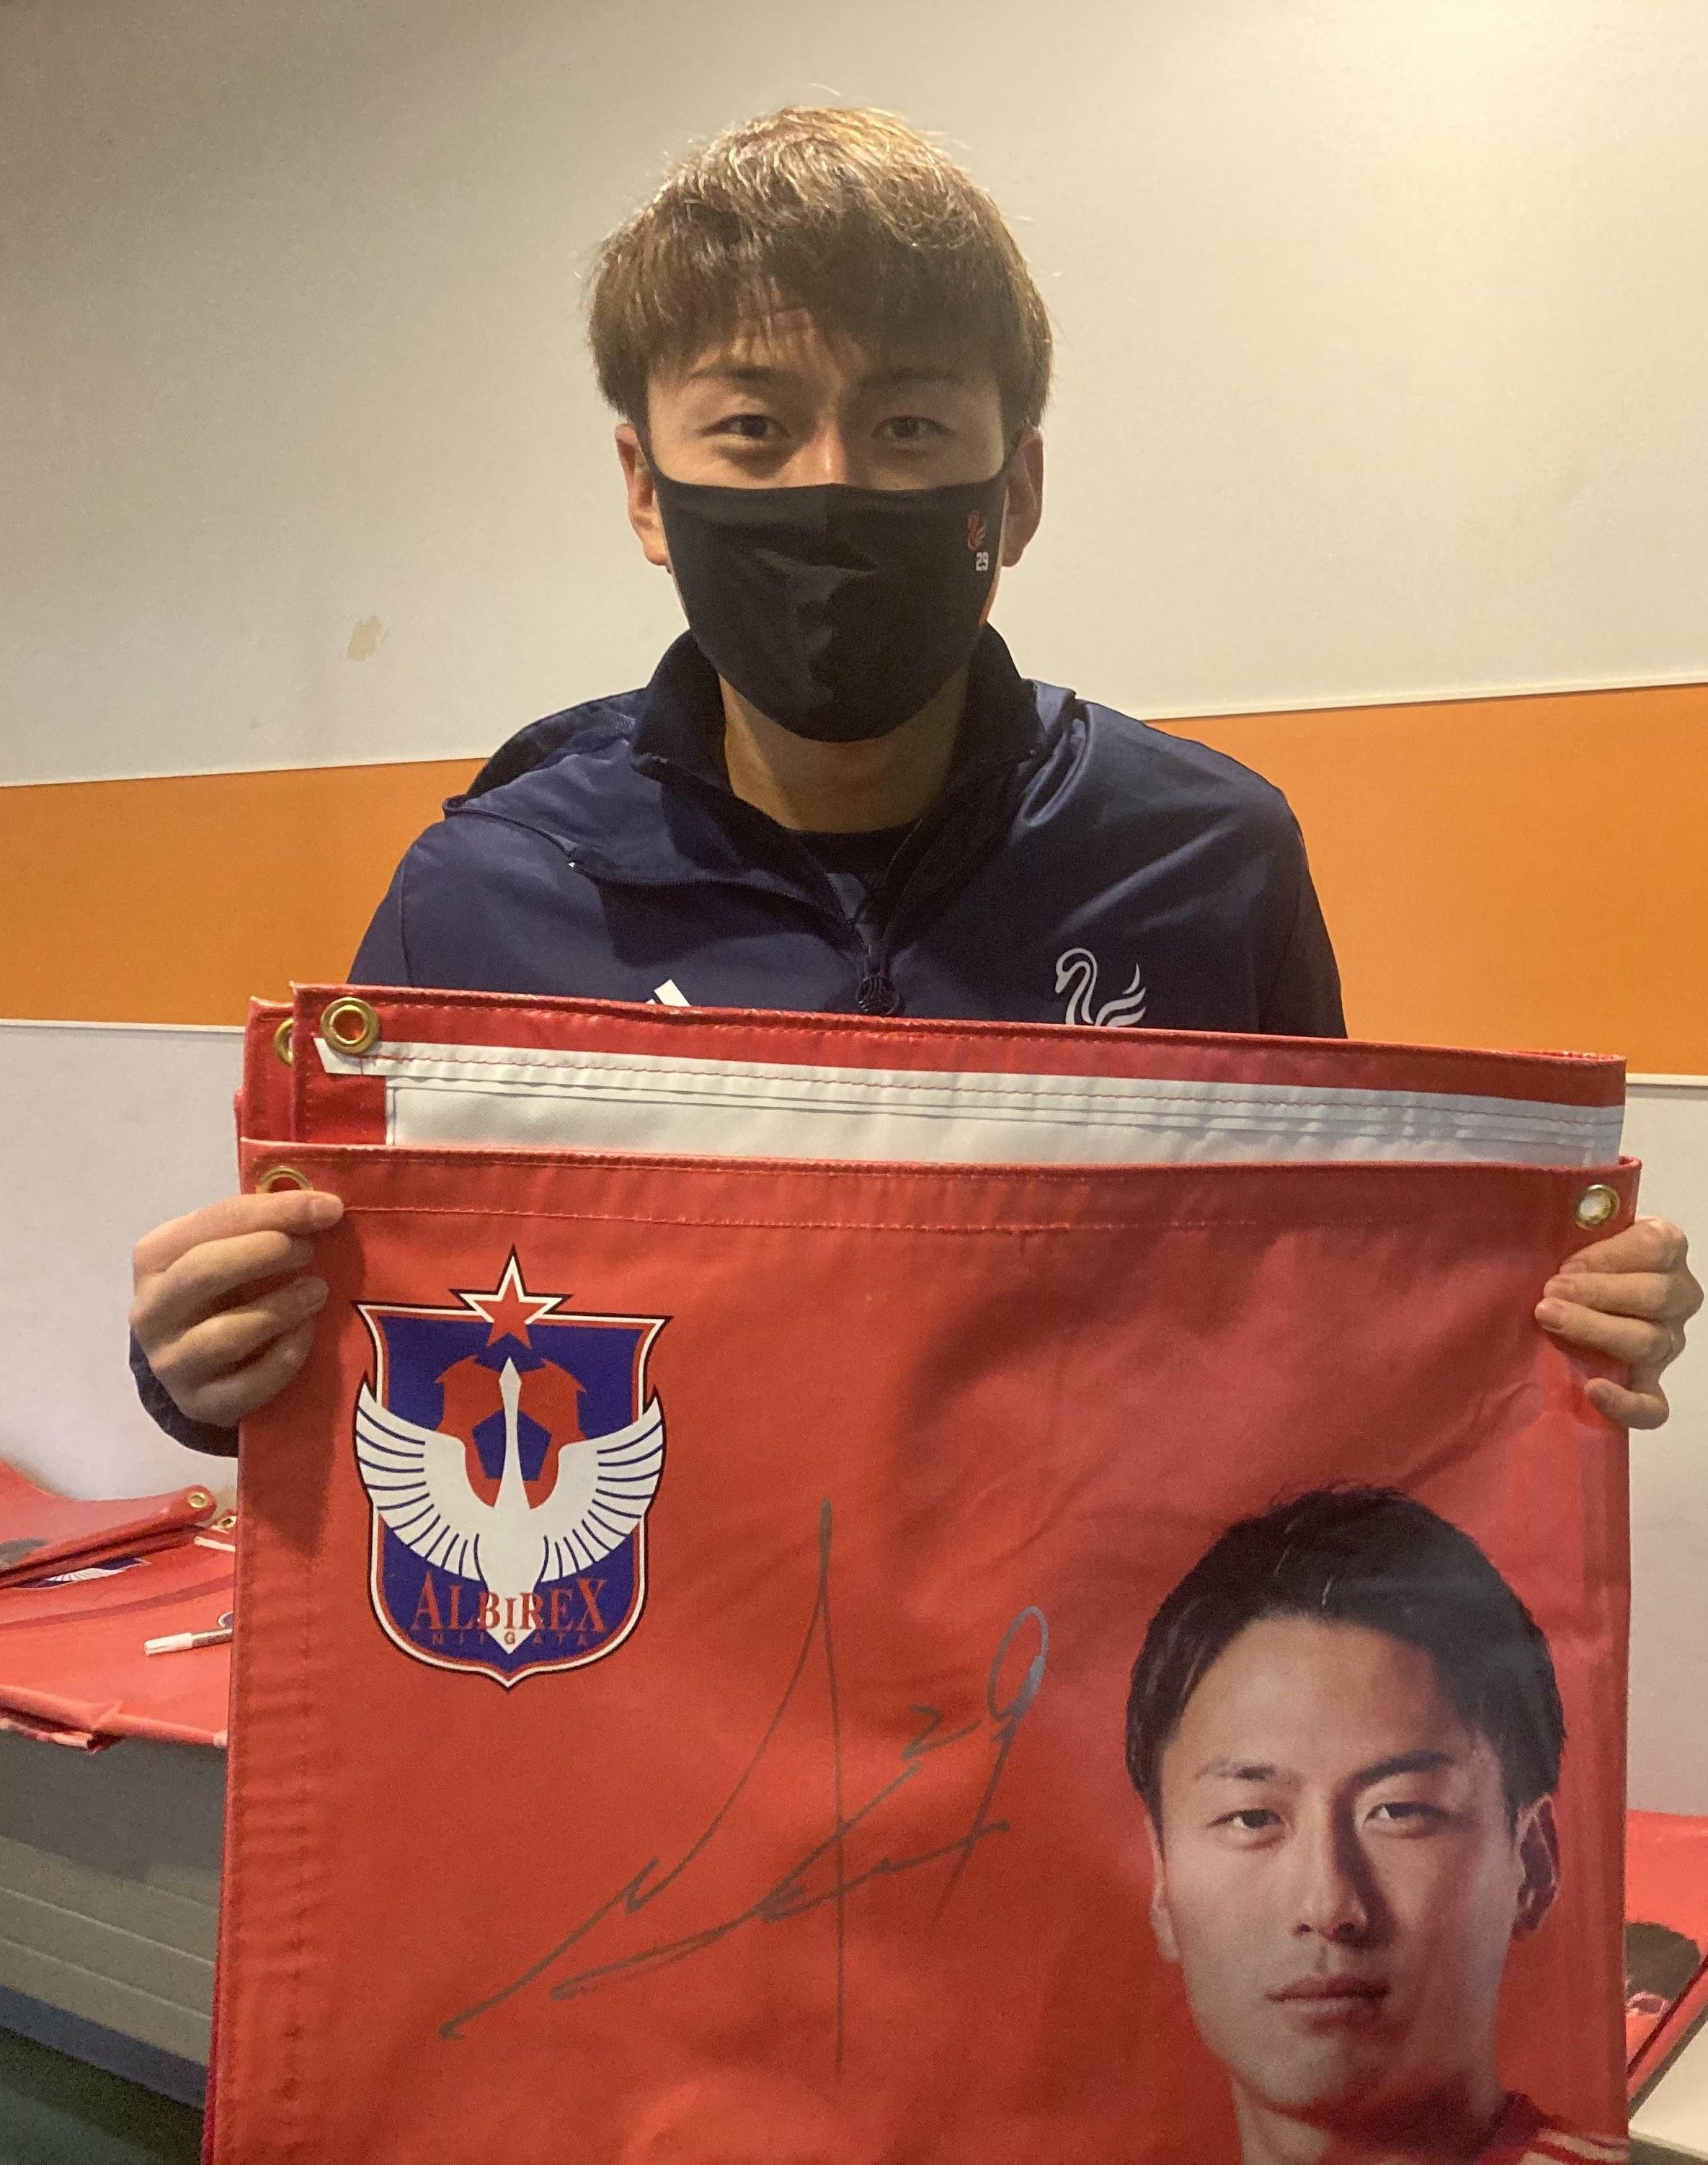 【公式】実使用・本人直筆サイン入「2020シーズン選手等身大バナー」森 俊介